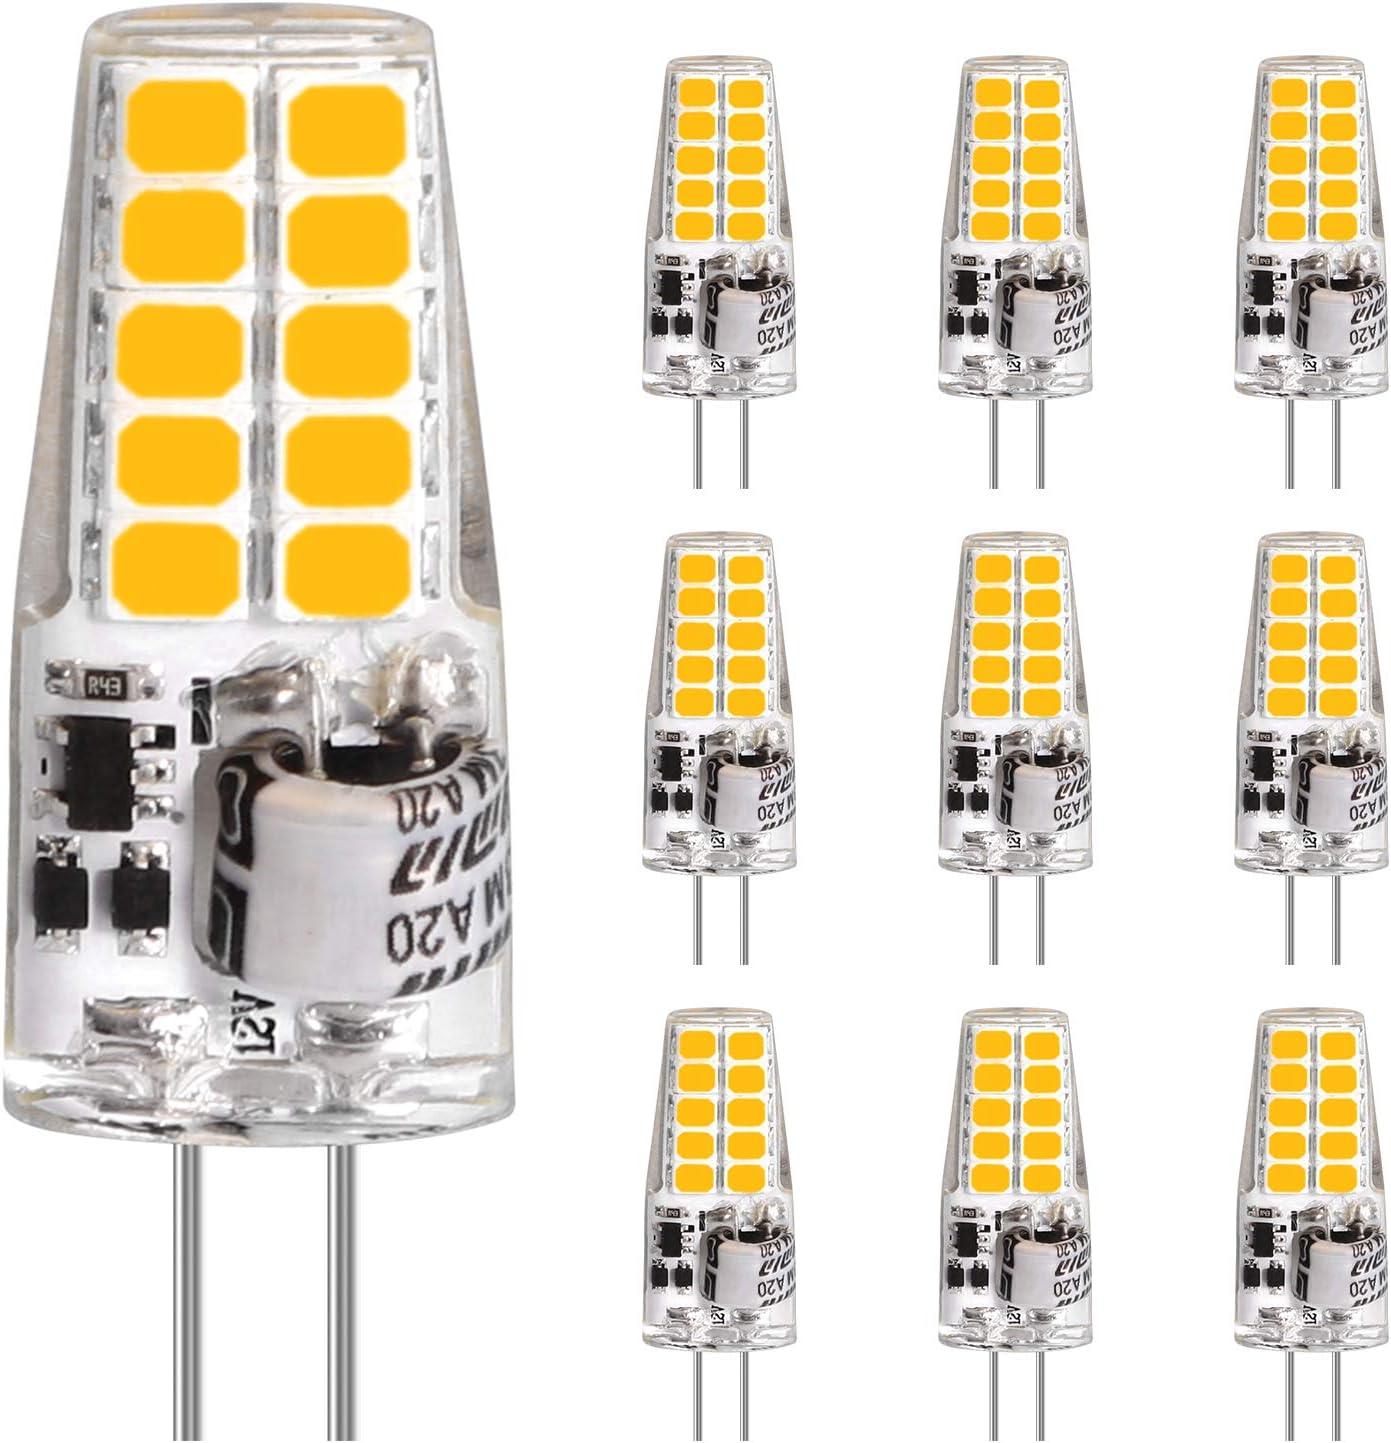 Bombillas LED G4, LEDGLE 3.5W 20LEDs Equivalente 35W Halogenas, 350LM, AC/DC 12V, Blanco Cálido 2700K, Ángulo de Haz de 360°, No Regulable G4 LED Bombillas, Paquete de 10